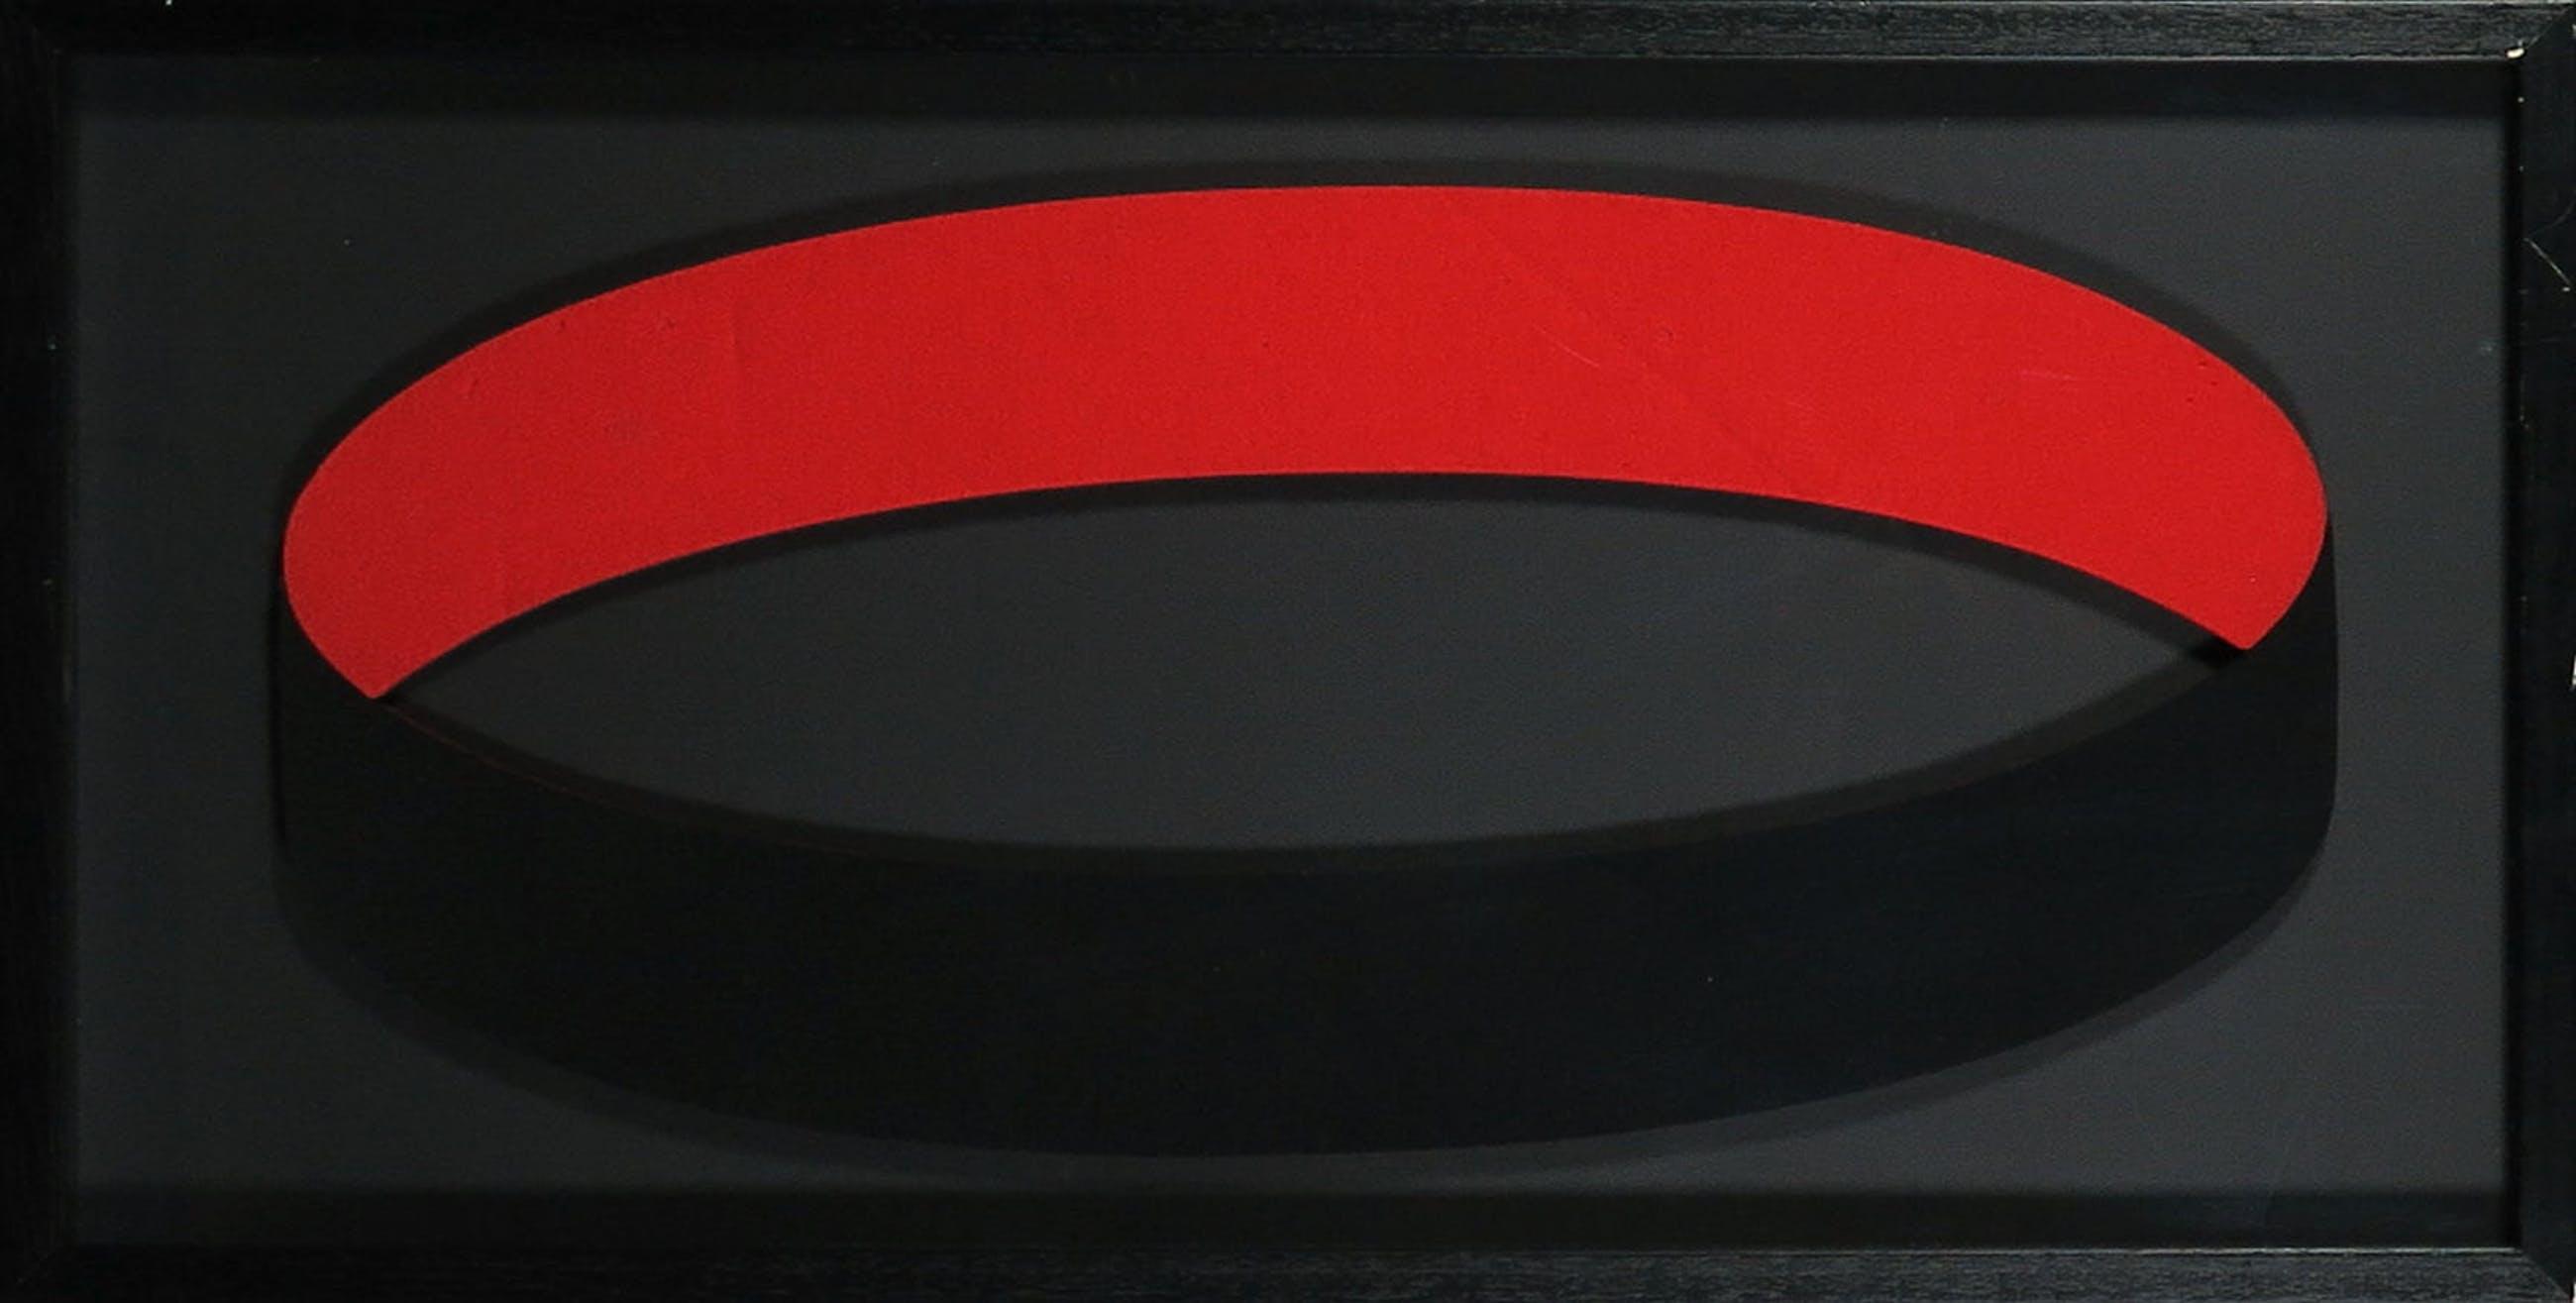 Madeleine Bosscher - Wandobject van vilt, Small circle black red - Ingelijst kopen? Bied vanaf 1!